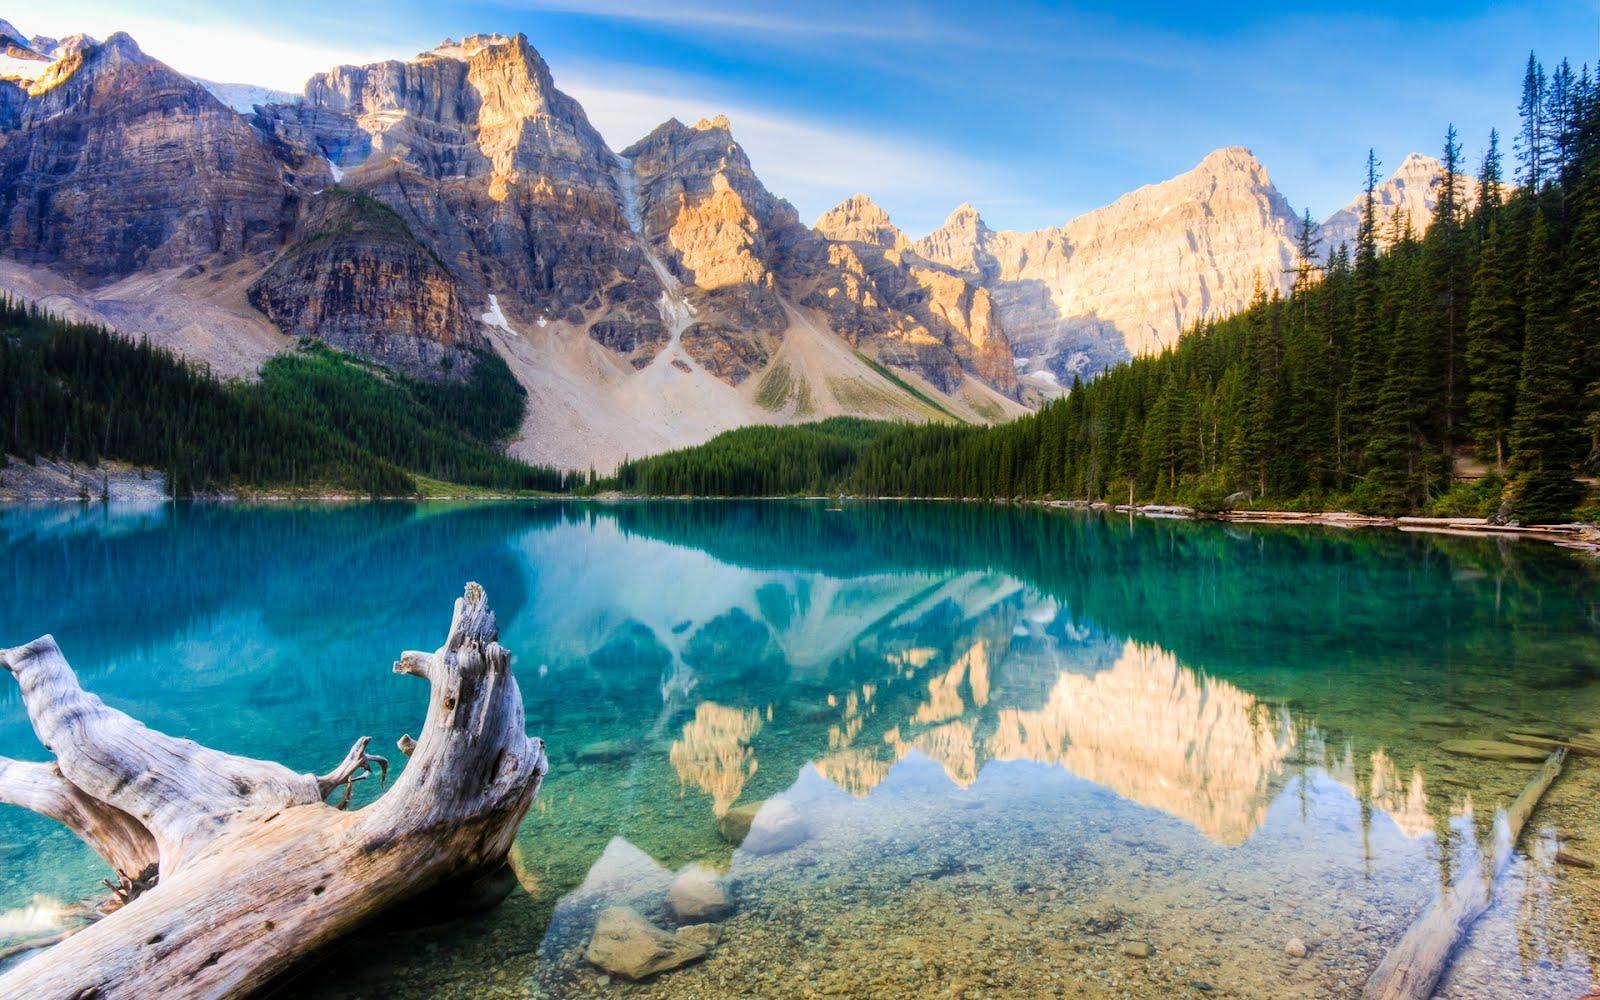 ... -de-canada-landscape-canada-nature-corner-1920x1200-wallpaper-.jpg